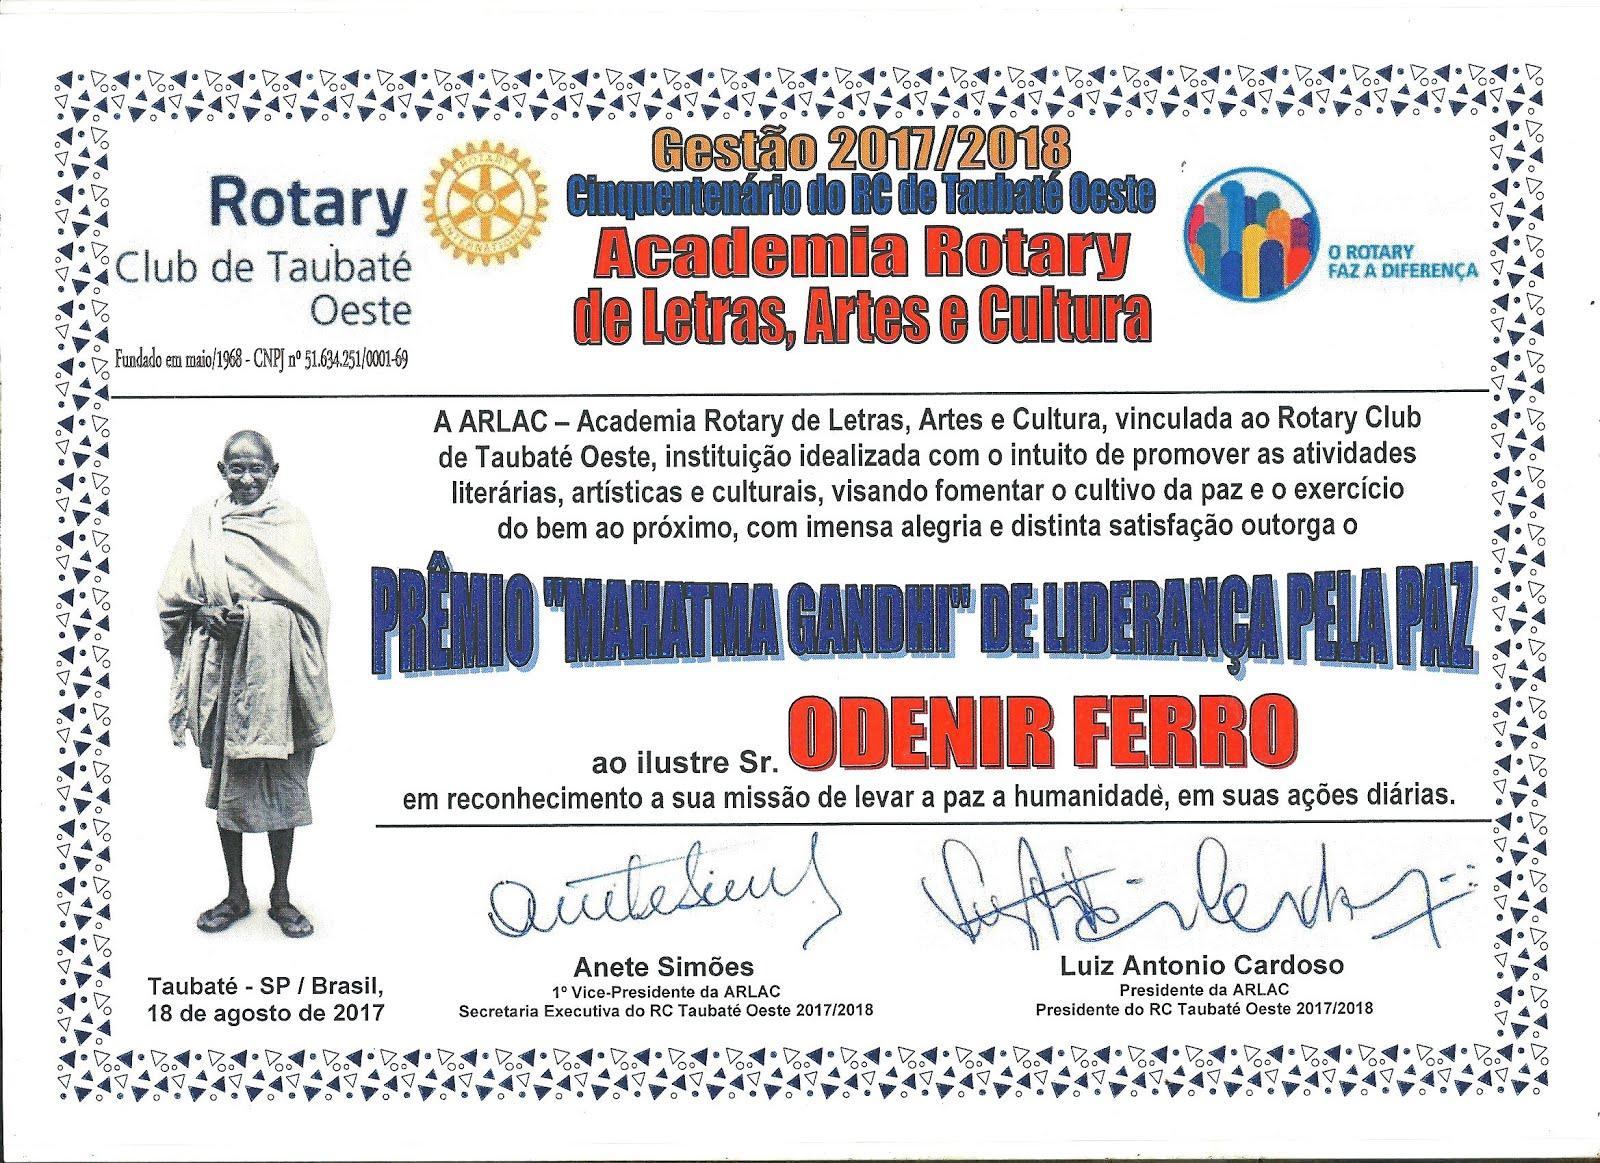 Rotary Club de Taubaté Oeste Academia de Letras, Artes e Cultura